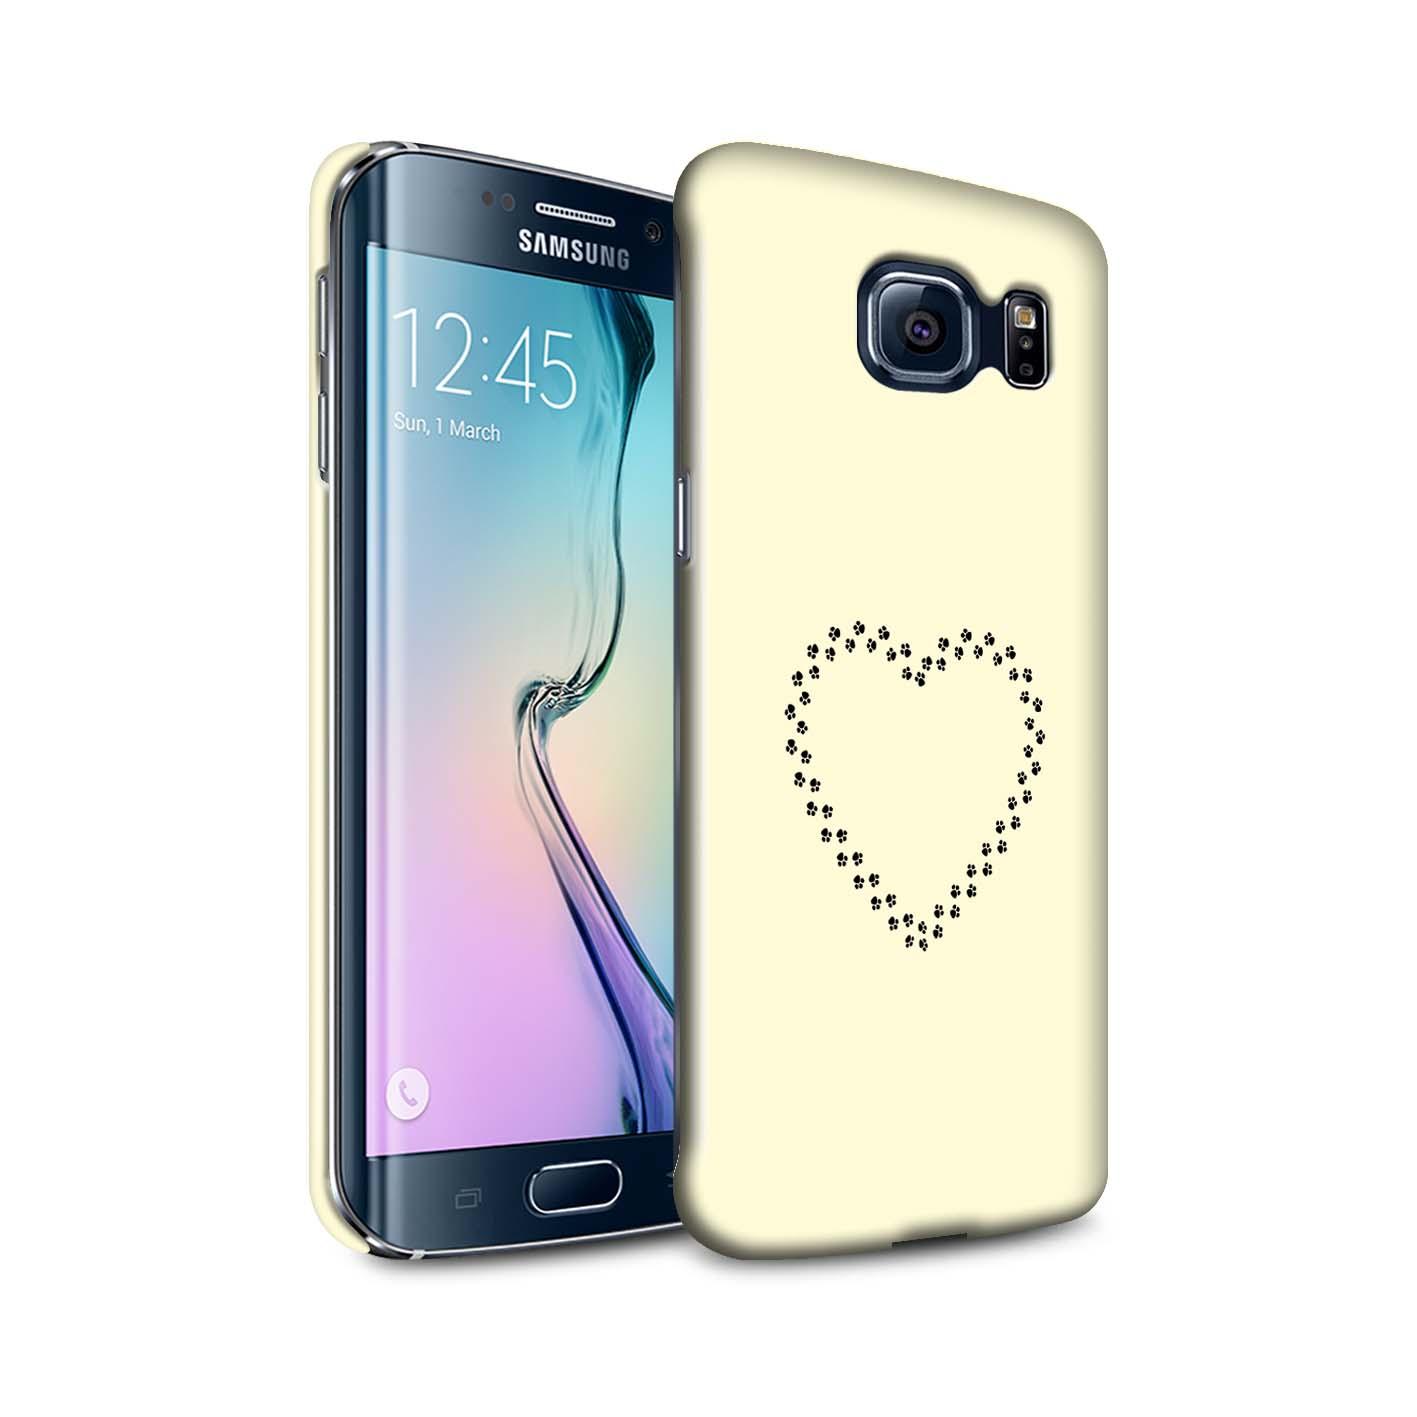 STUFF4-Gloss-Phone-Case-for-Samsung-Galaxy-S6-Edge-Plus-Cute-Cartoon-Cat